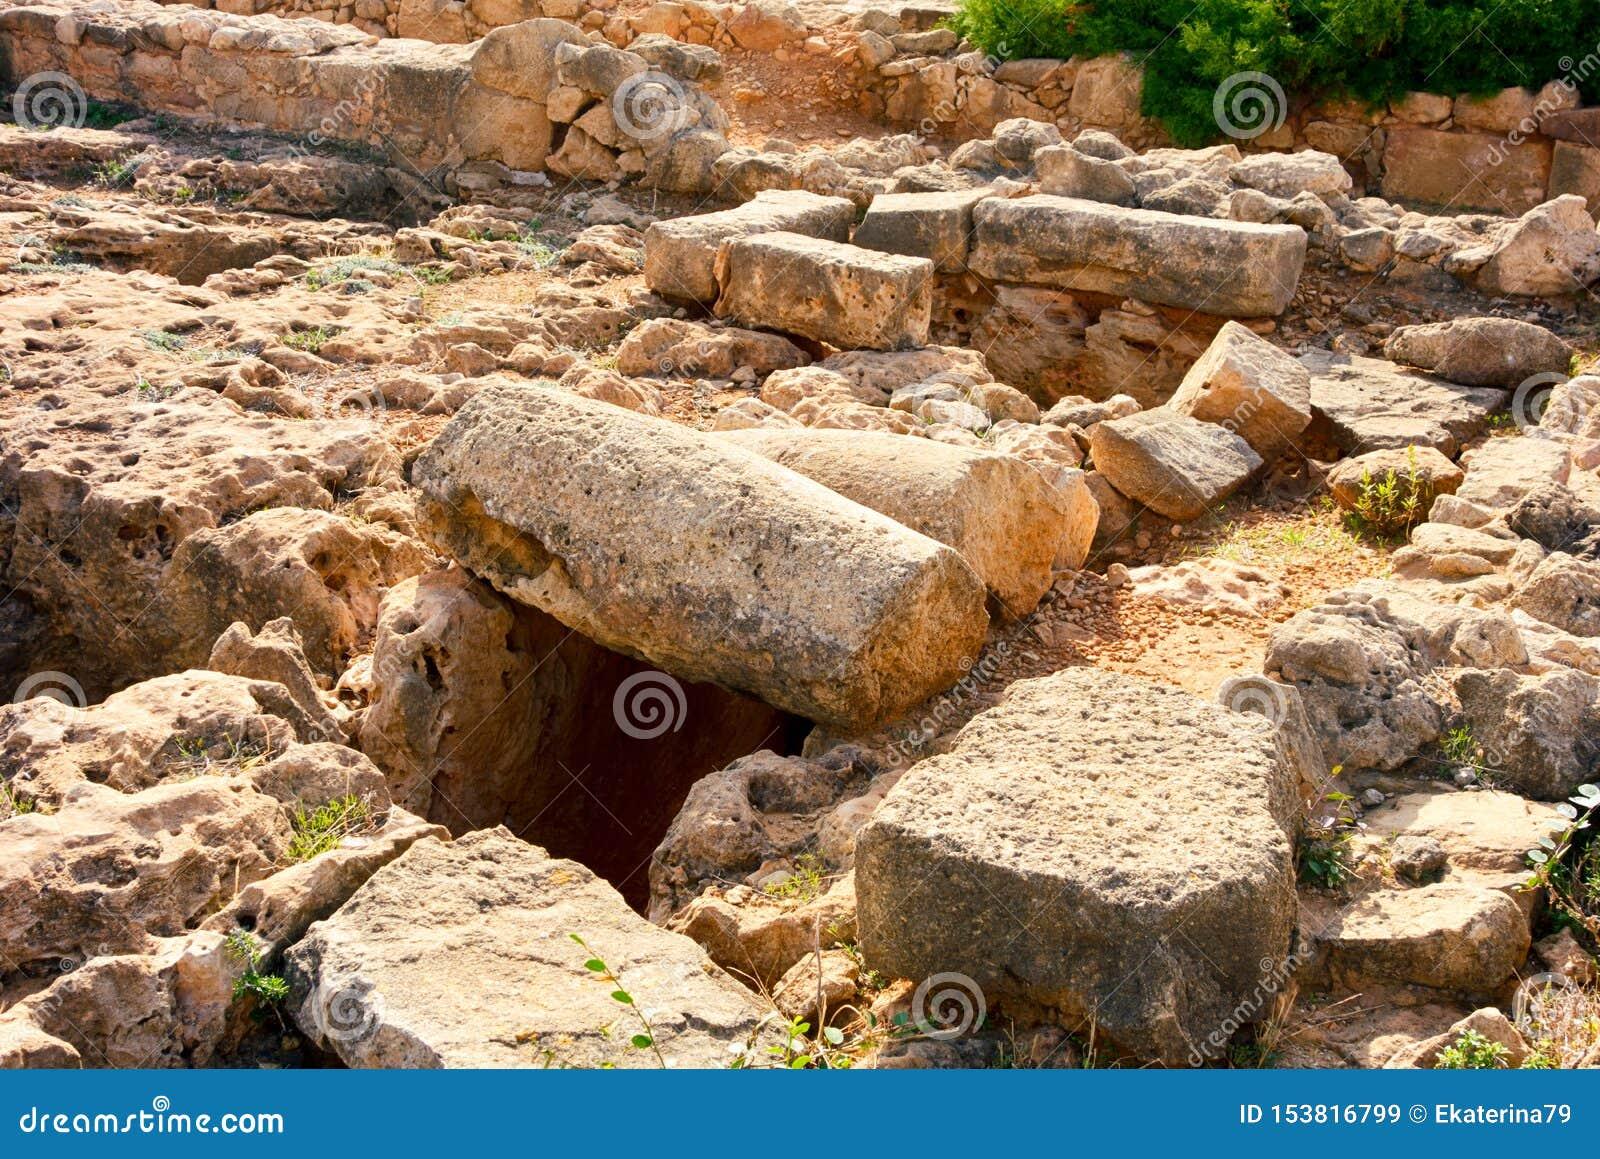 Ruines en pierre antiques d?truites Excavations arch?ologiques